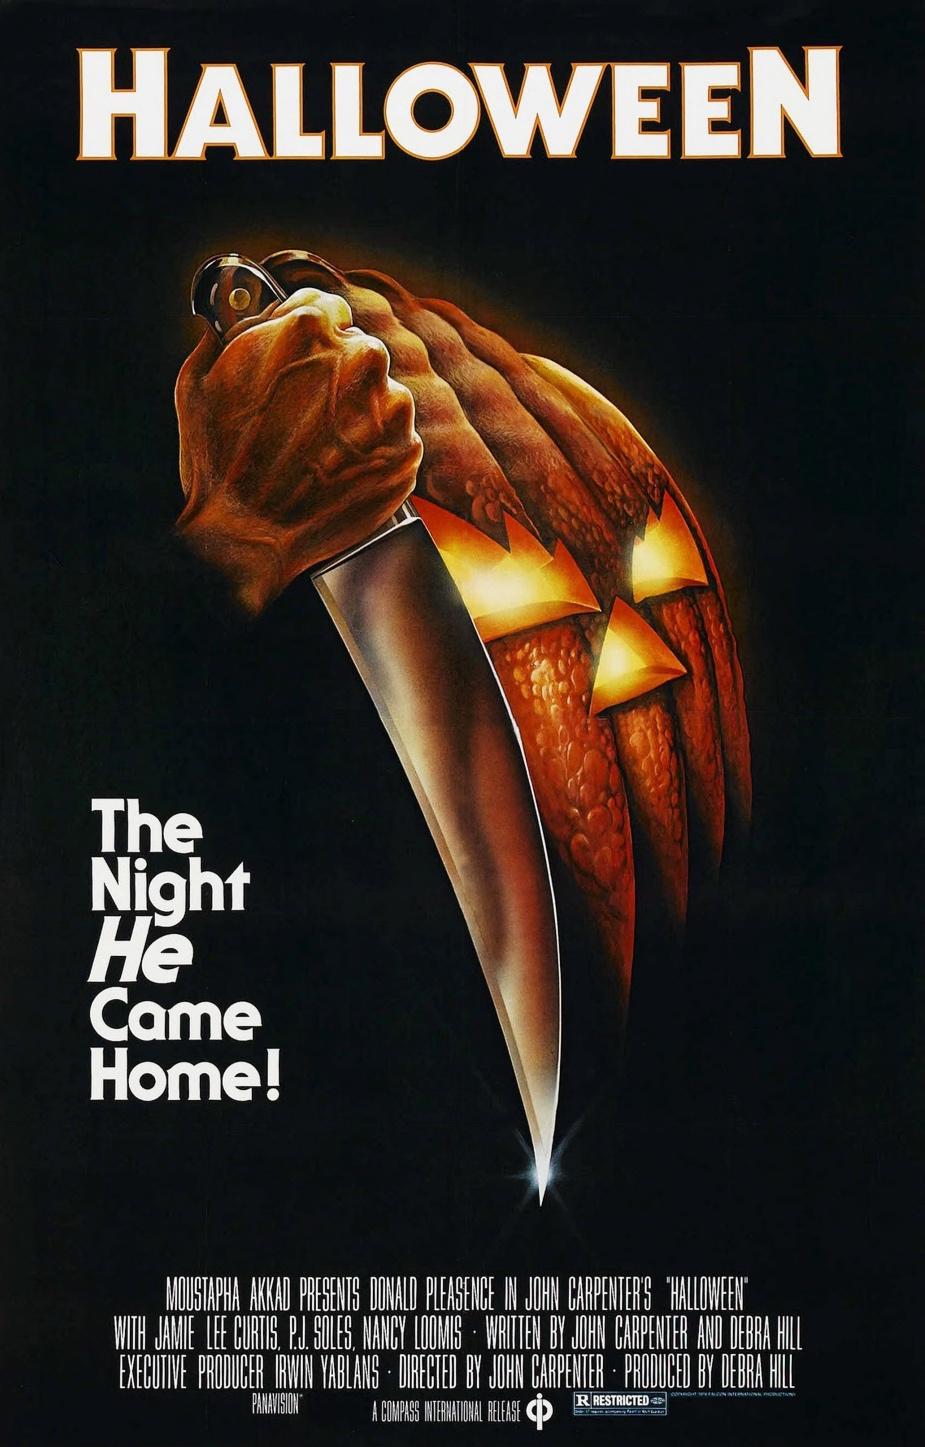 HalloweenOneSheet.jpg